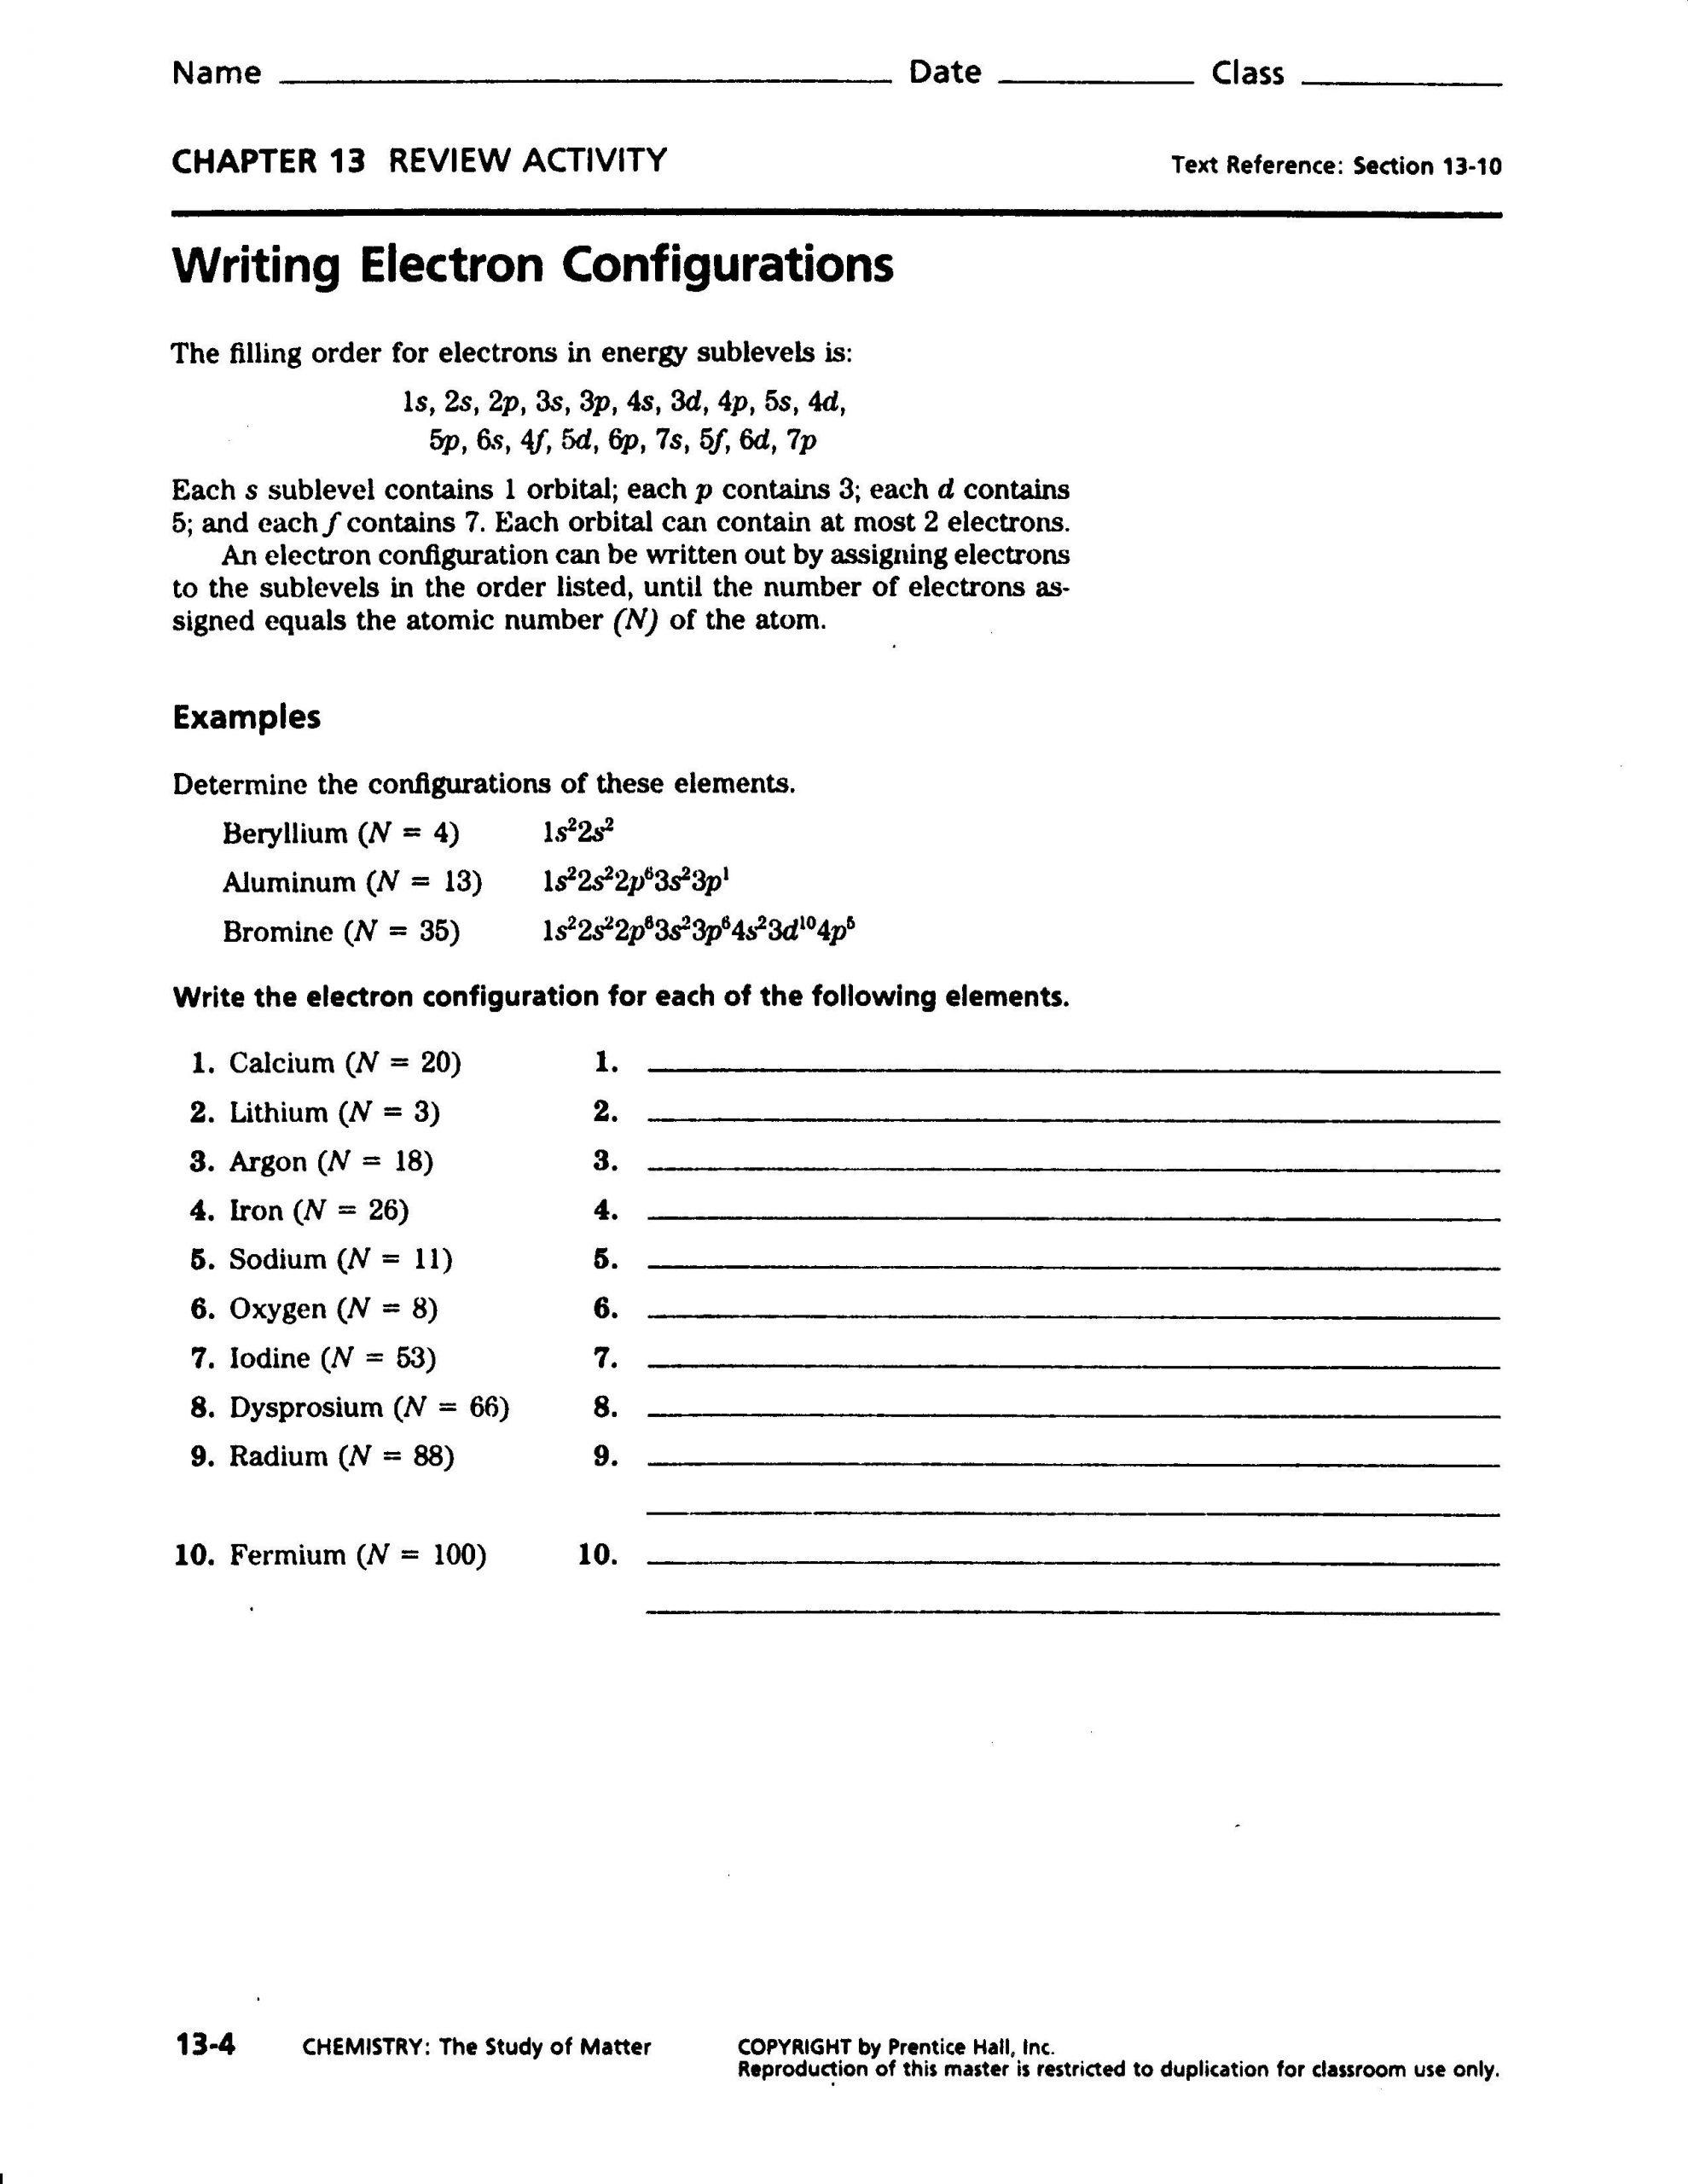 Electron Configuration Worksheet Answers Key Electron Configuration Worksheet Answers Part A Worksheets